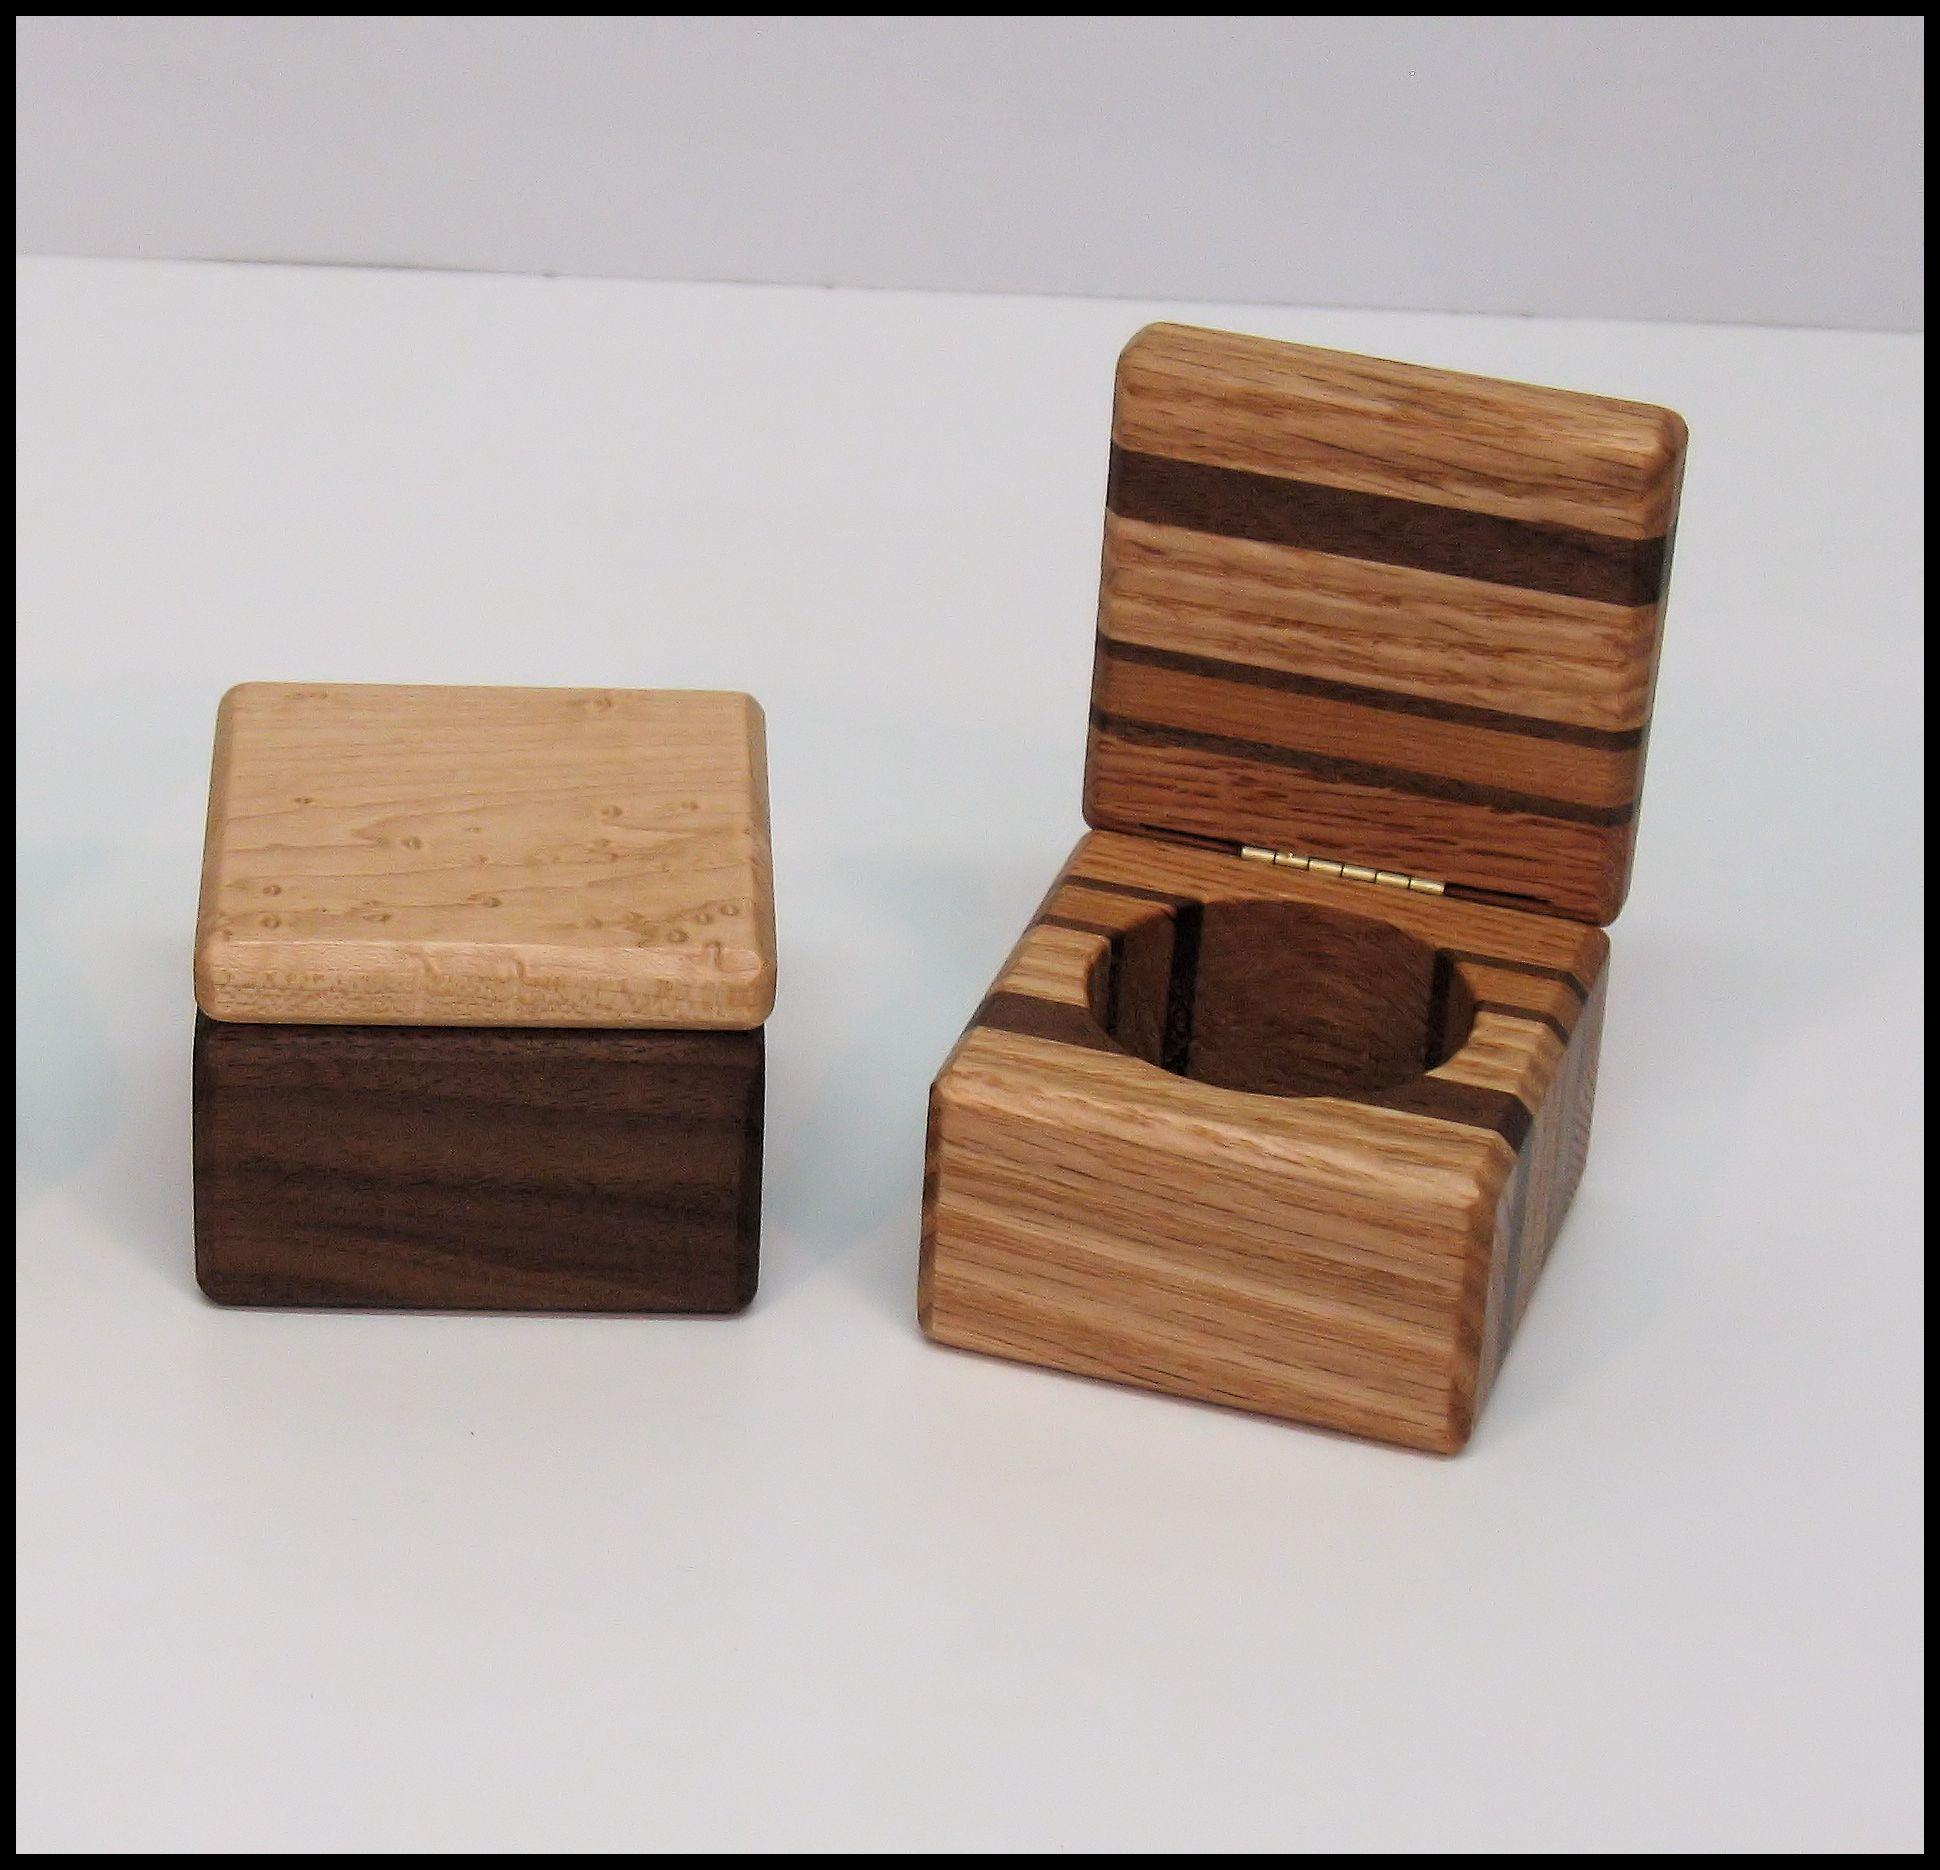 Unique Wooden Boxes